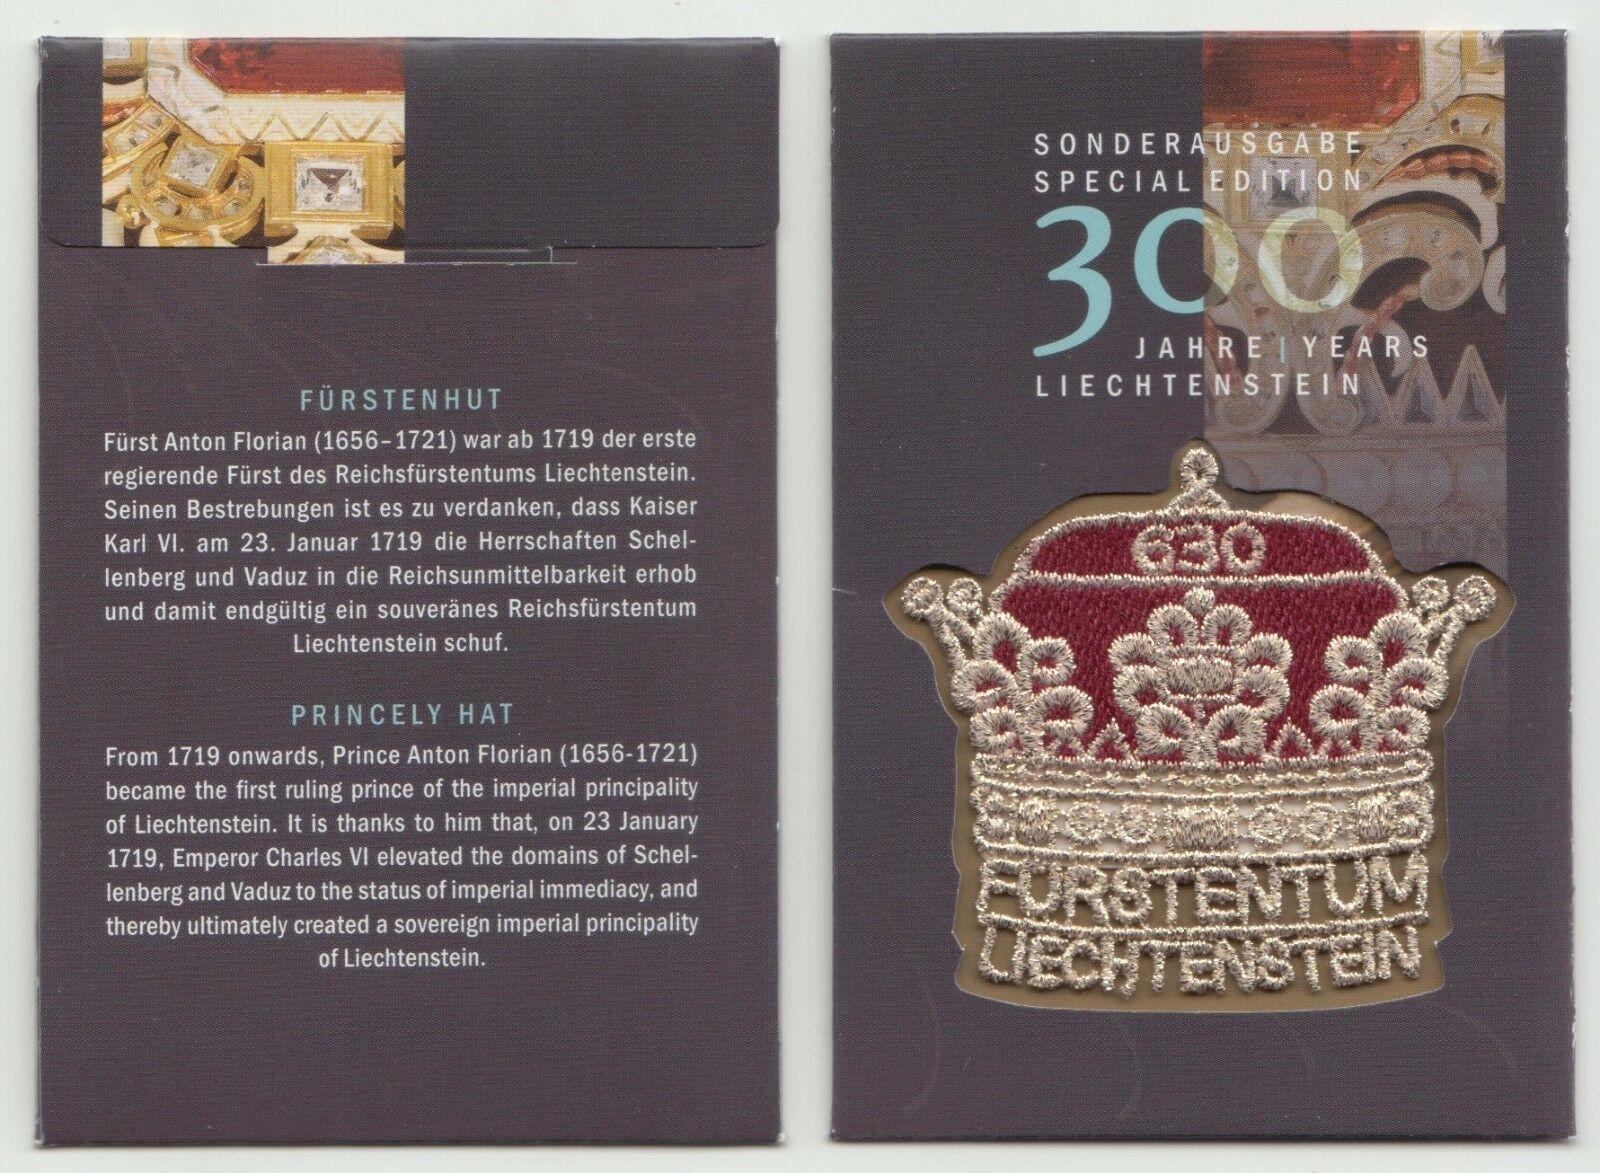 Liechtenstein - 300th Anniversary of Liechtenstein (January 23, 2019) souvenir folder